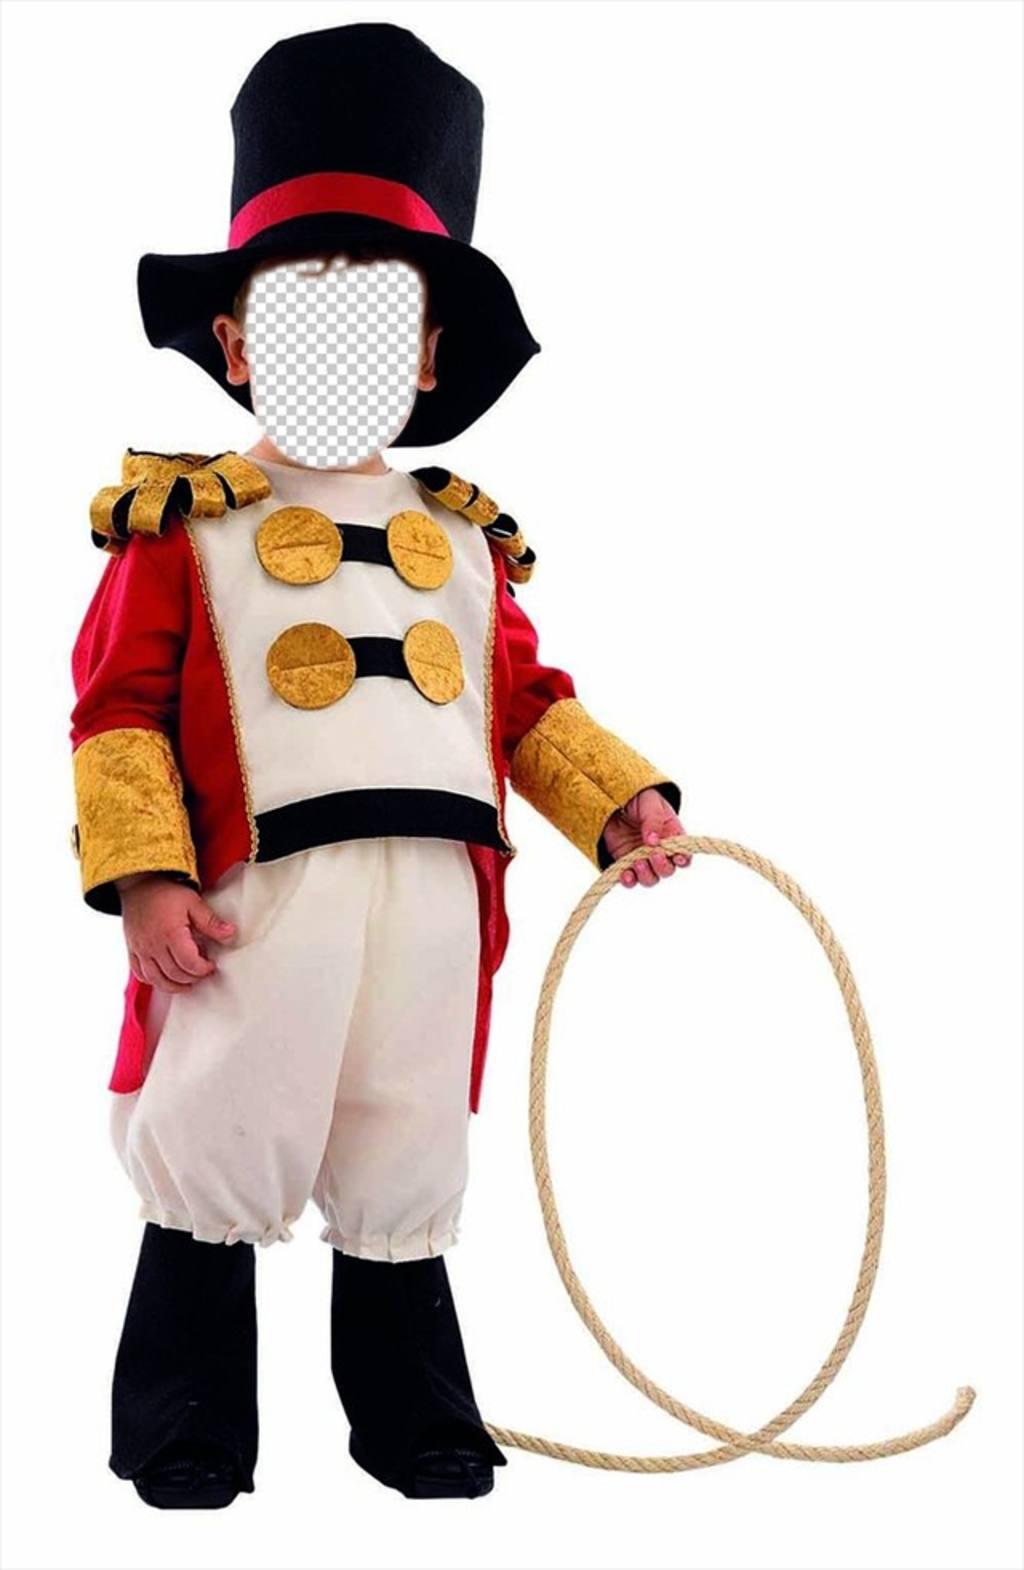 I bambini fotomontaggio di Lion Tamer di circo per modificare